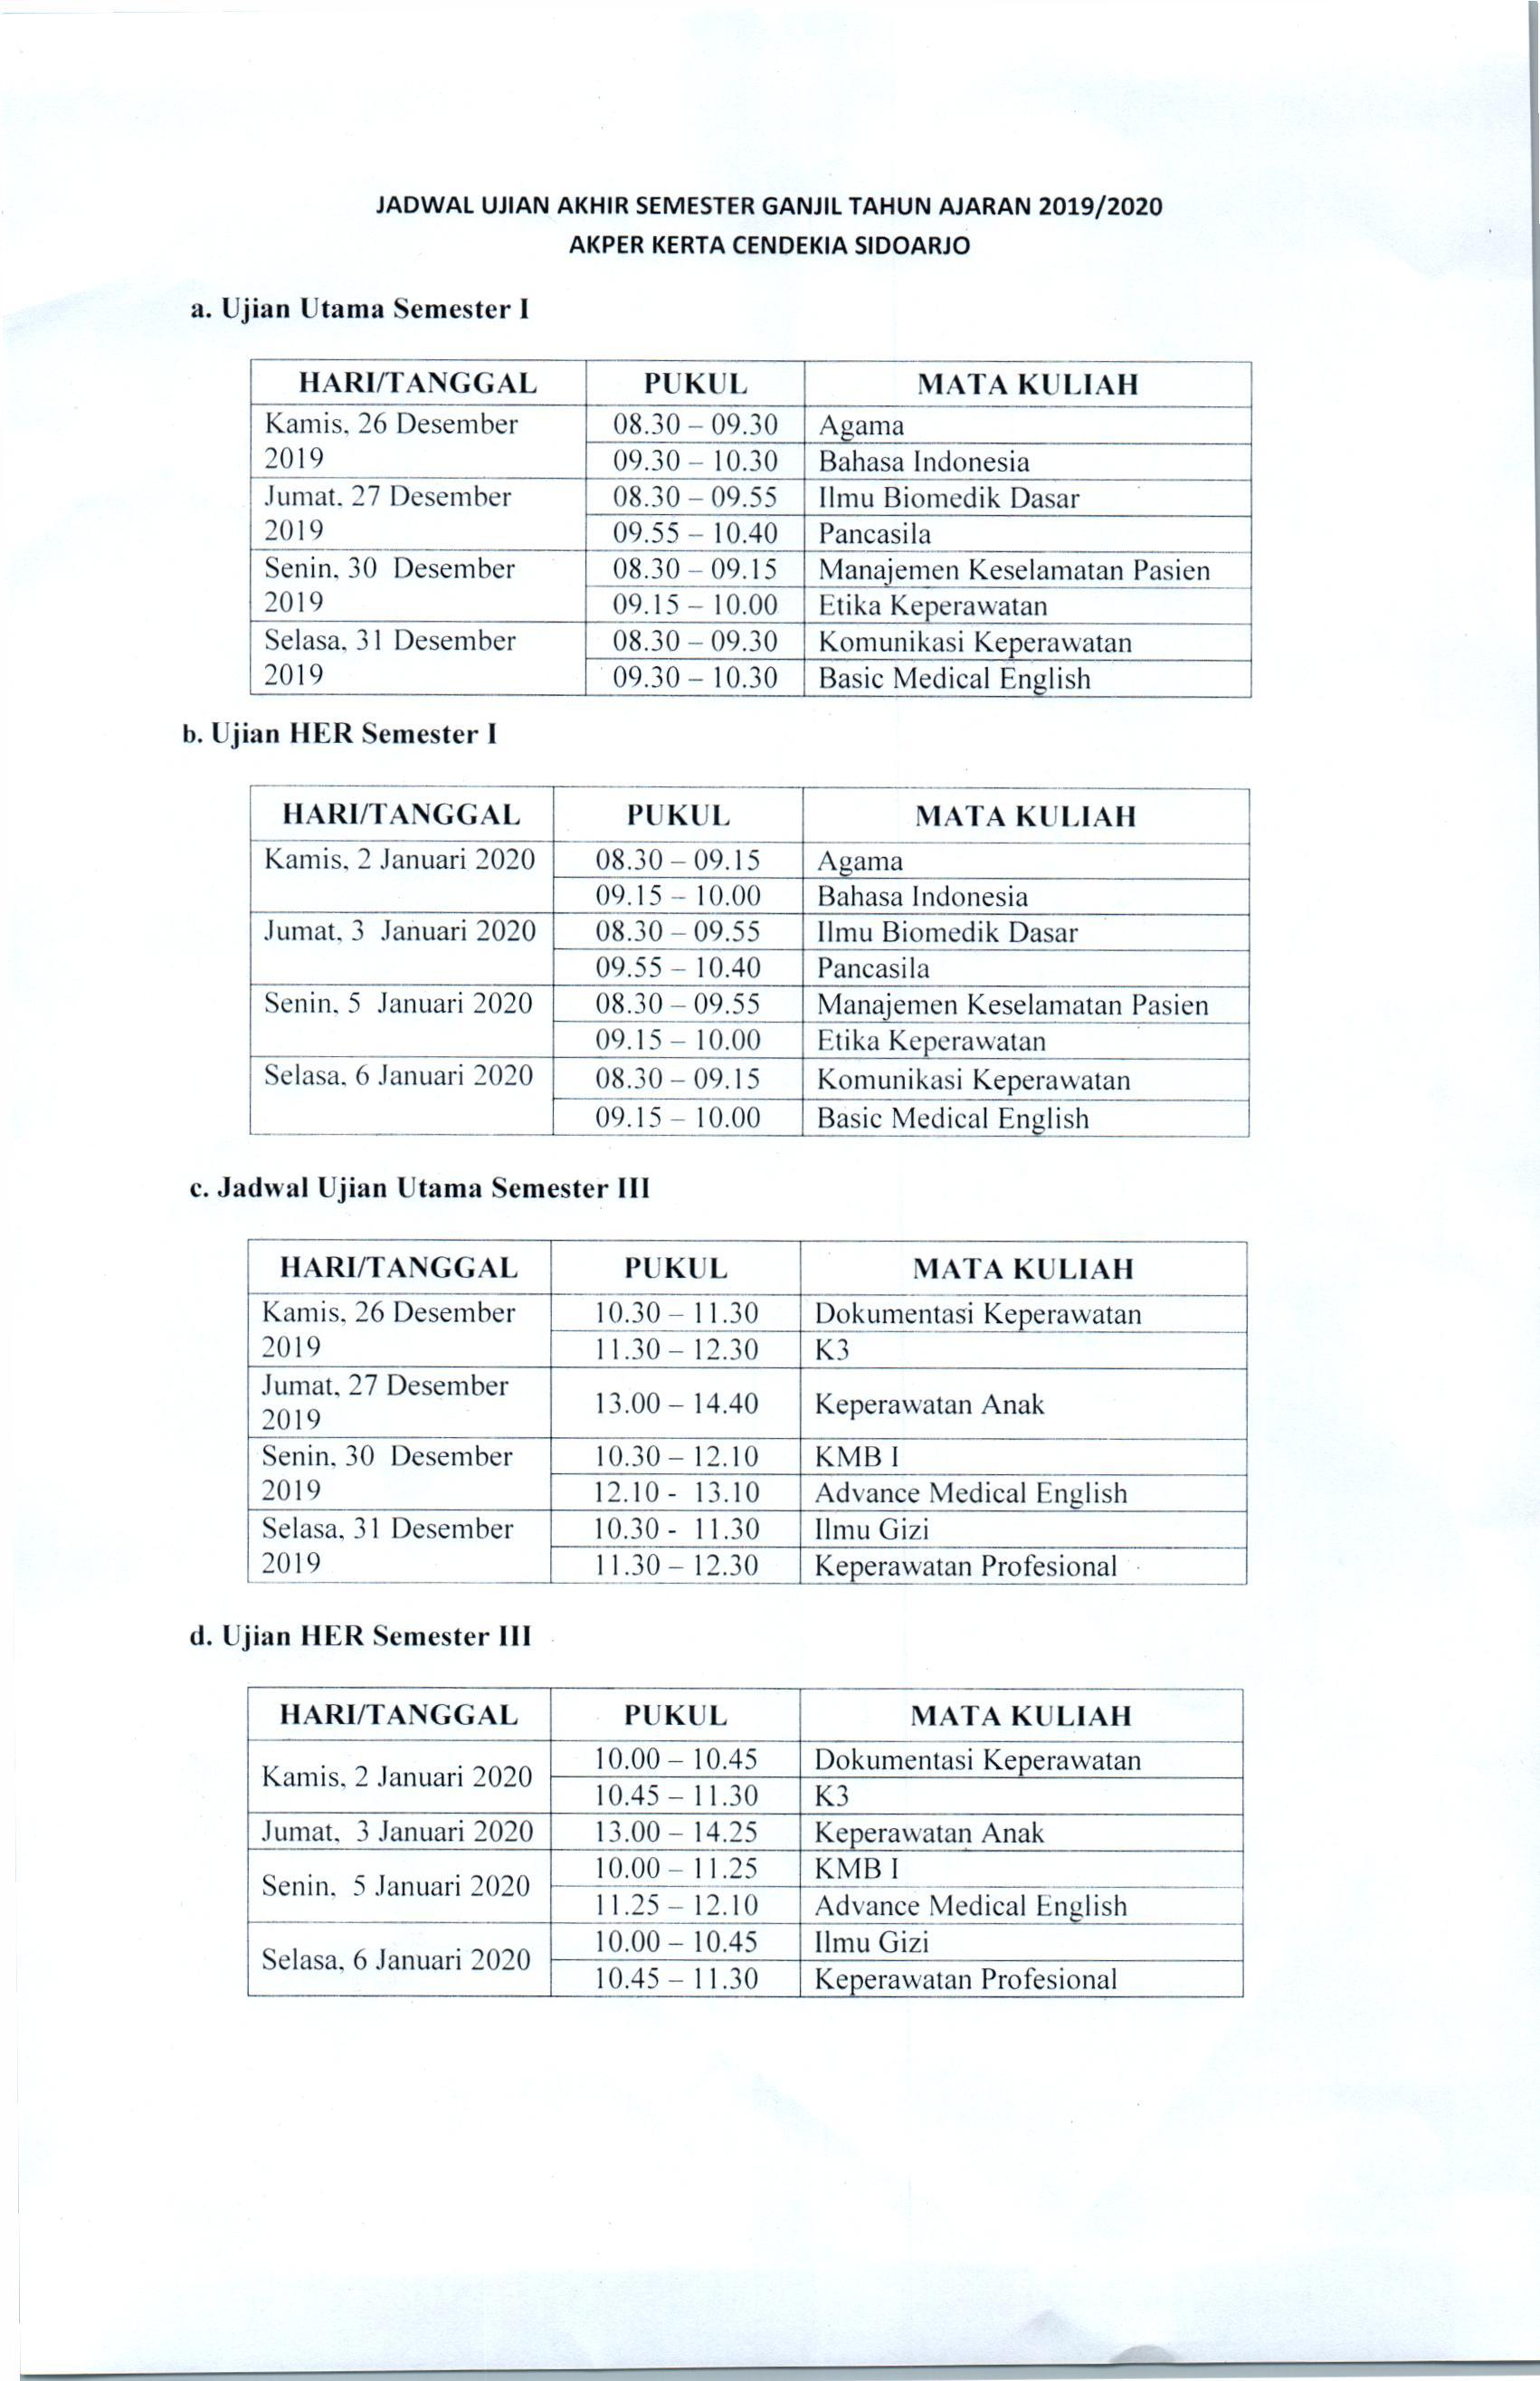 Jadwal Ujian Akhir Semester I dan III Tahun Akademik 2019/2020